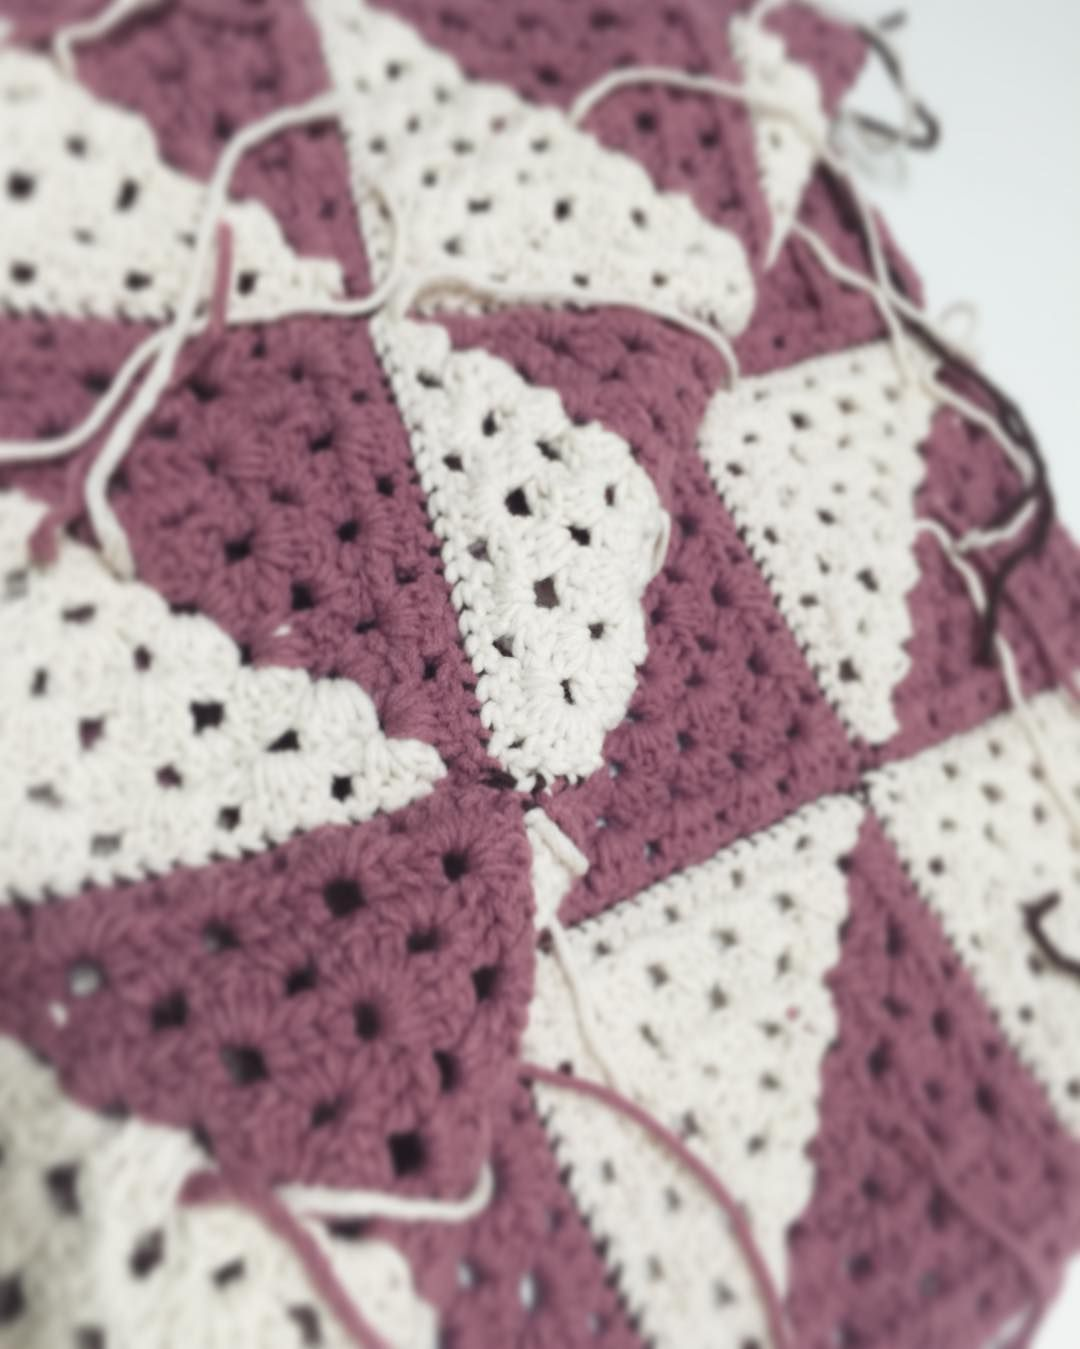 #귀찮은것 #하기싫은것 #실정리 ㅋㅋㅋㅋㅋ #그래이골방 #모닝스타그램 #crochetlover #뜨개공방 #니터 #블랭킷 #그래니스퀘어 #crochetblanket #blanket #grannysquare #kntter #knit #crochet #원데이클래스 #손뜨개 #뜨개스타그램 #담요 #니트소품 #grayATTIC #daily #블로거 by gray_attic